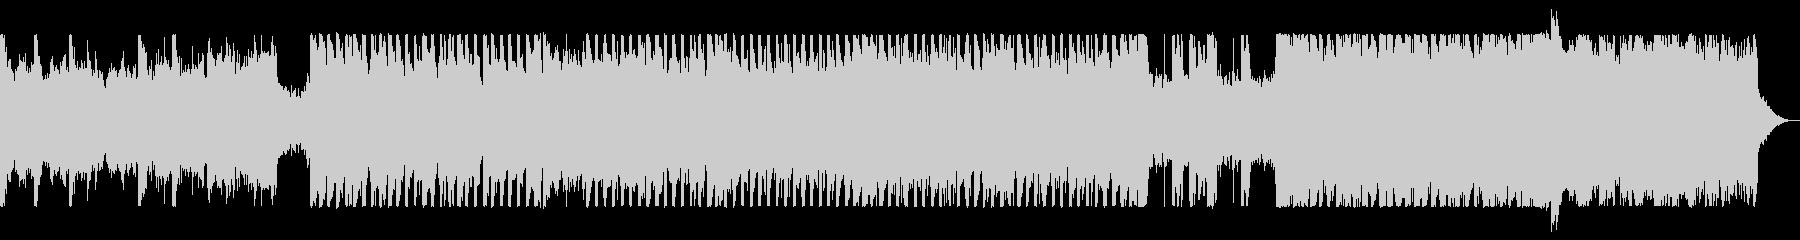 アナログシンセのハード・デジタルロックの未再生の波形